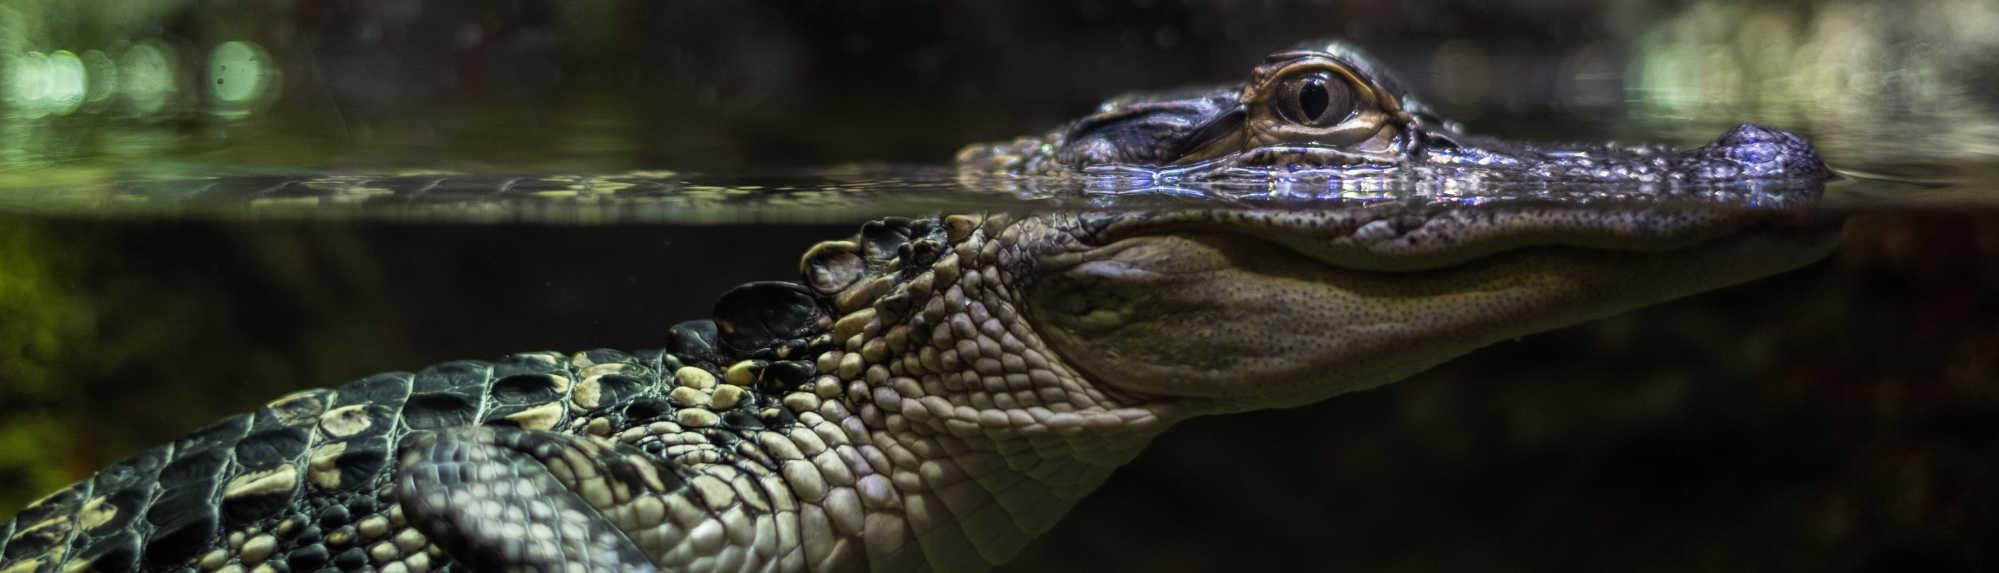 Can I Feed Crocodiles in Darwin?